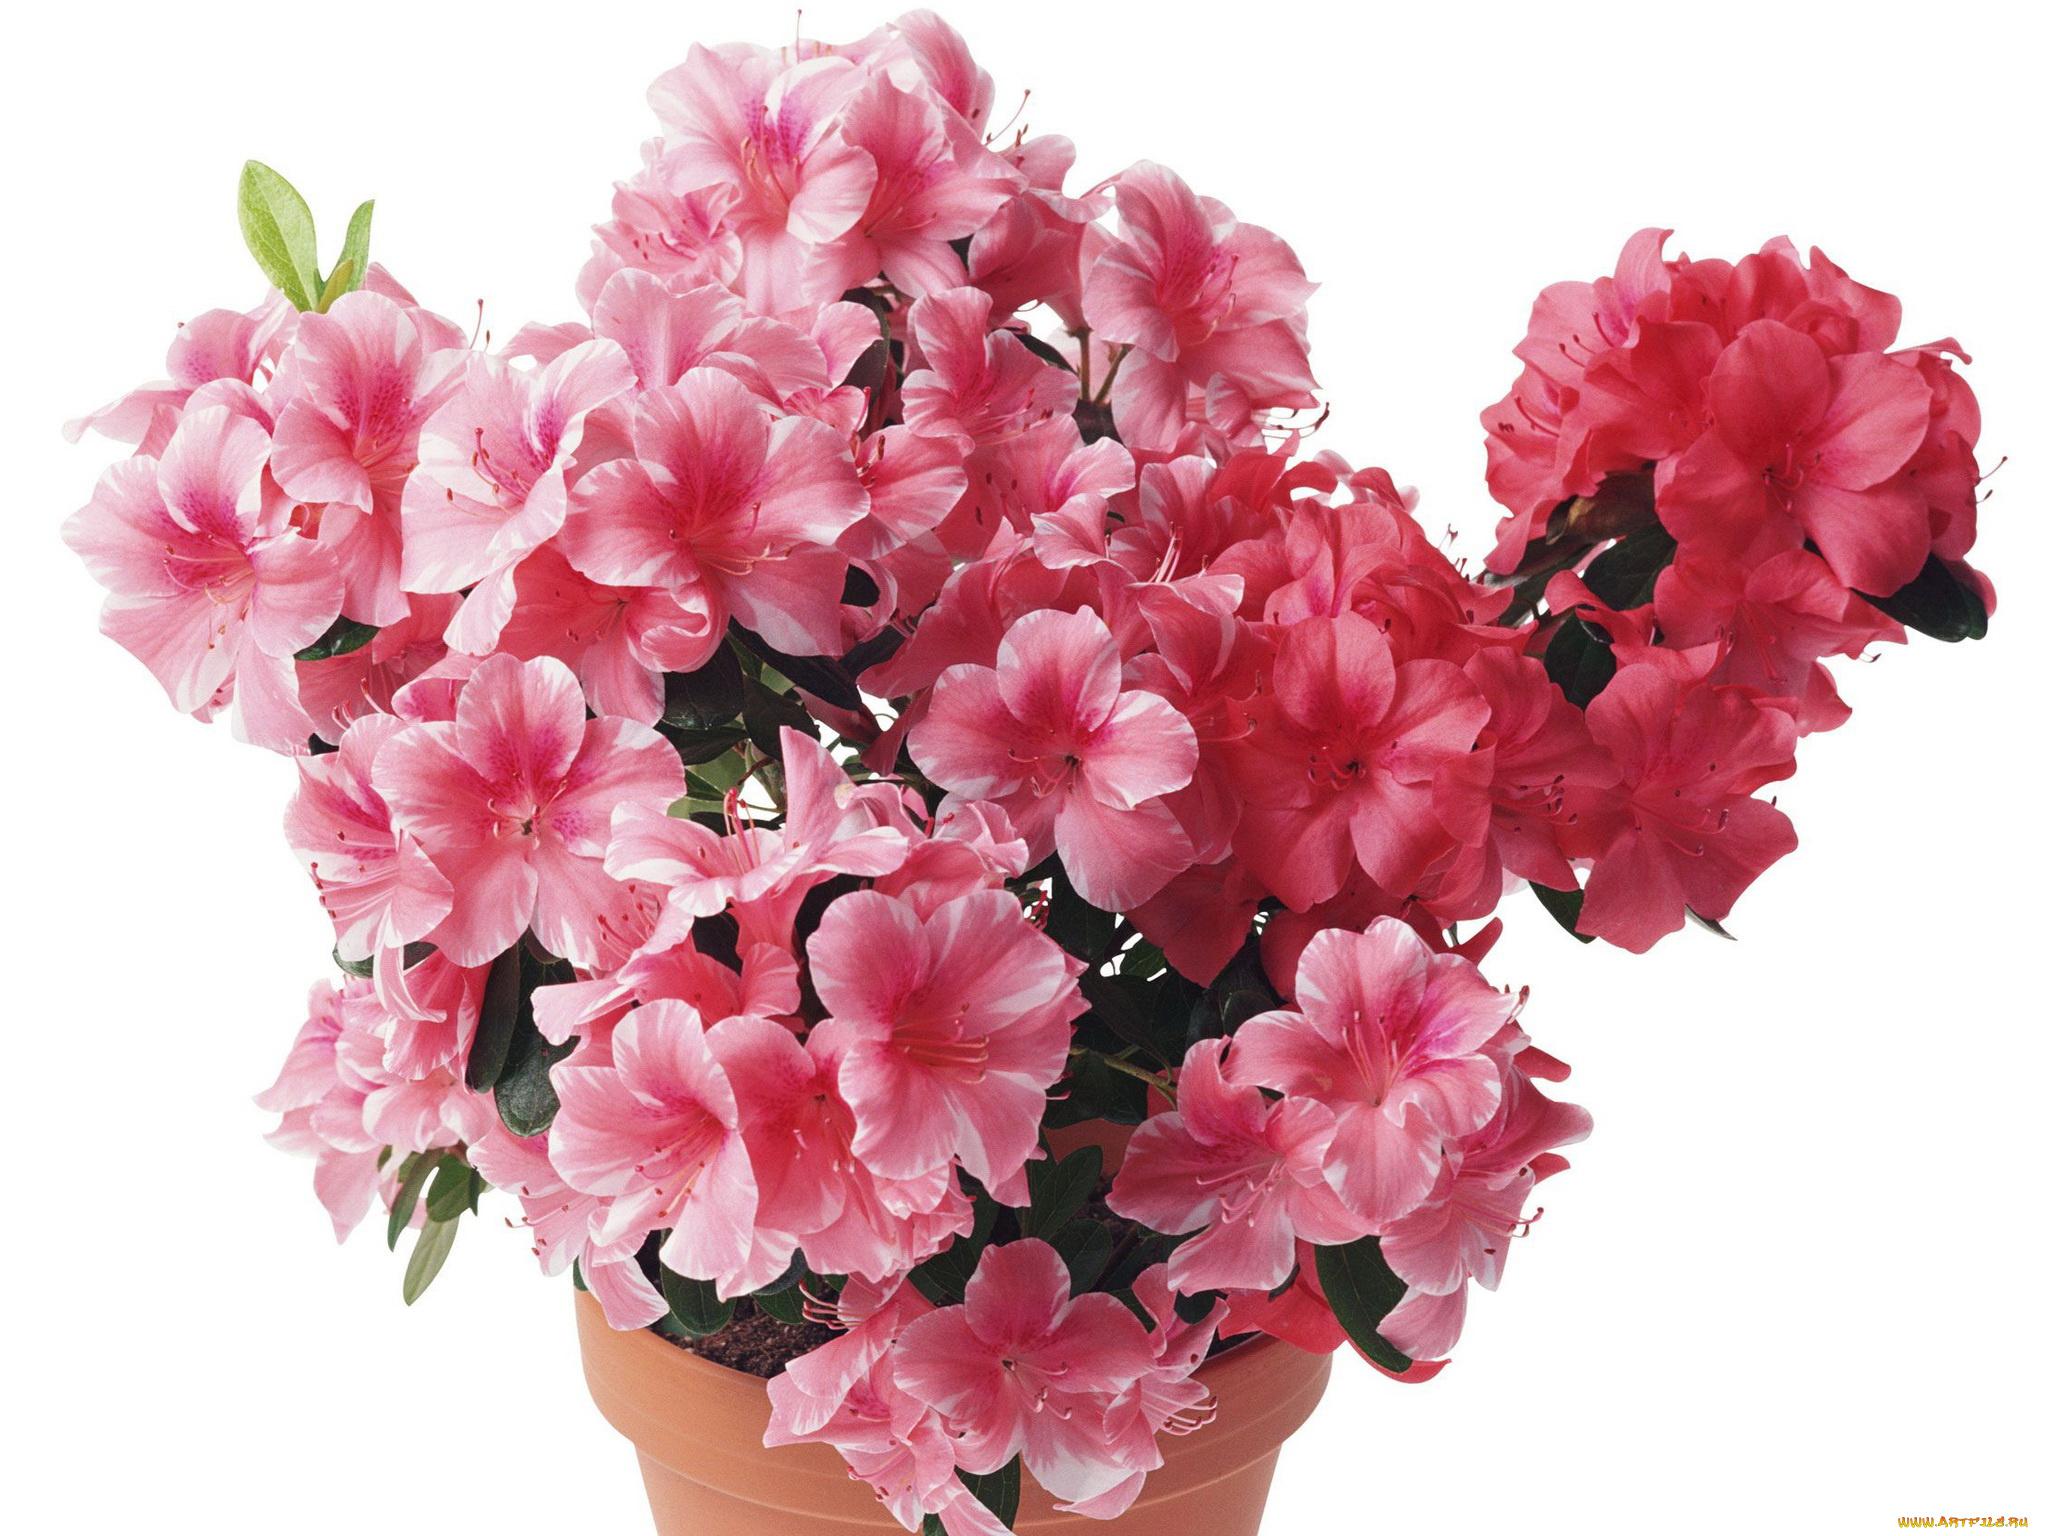 азалия лепестки цветы  № 3898118 бесплатно